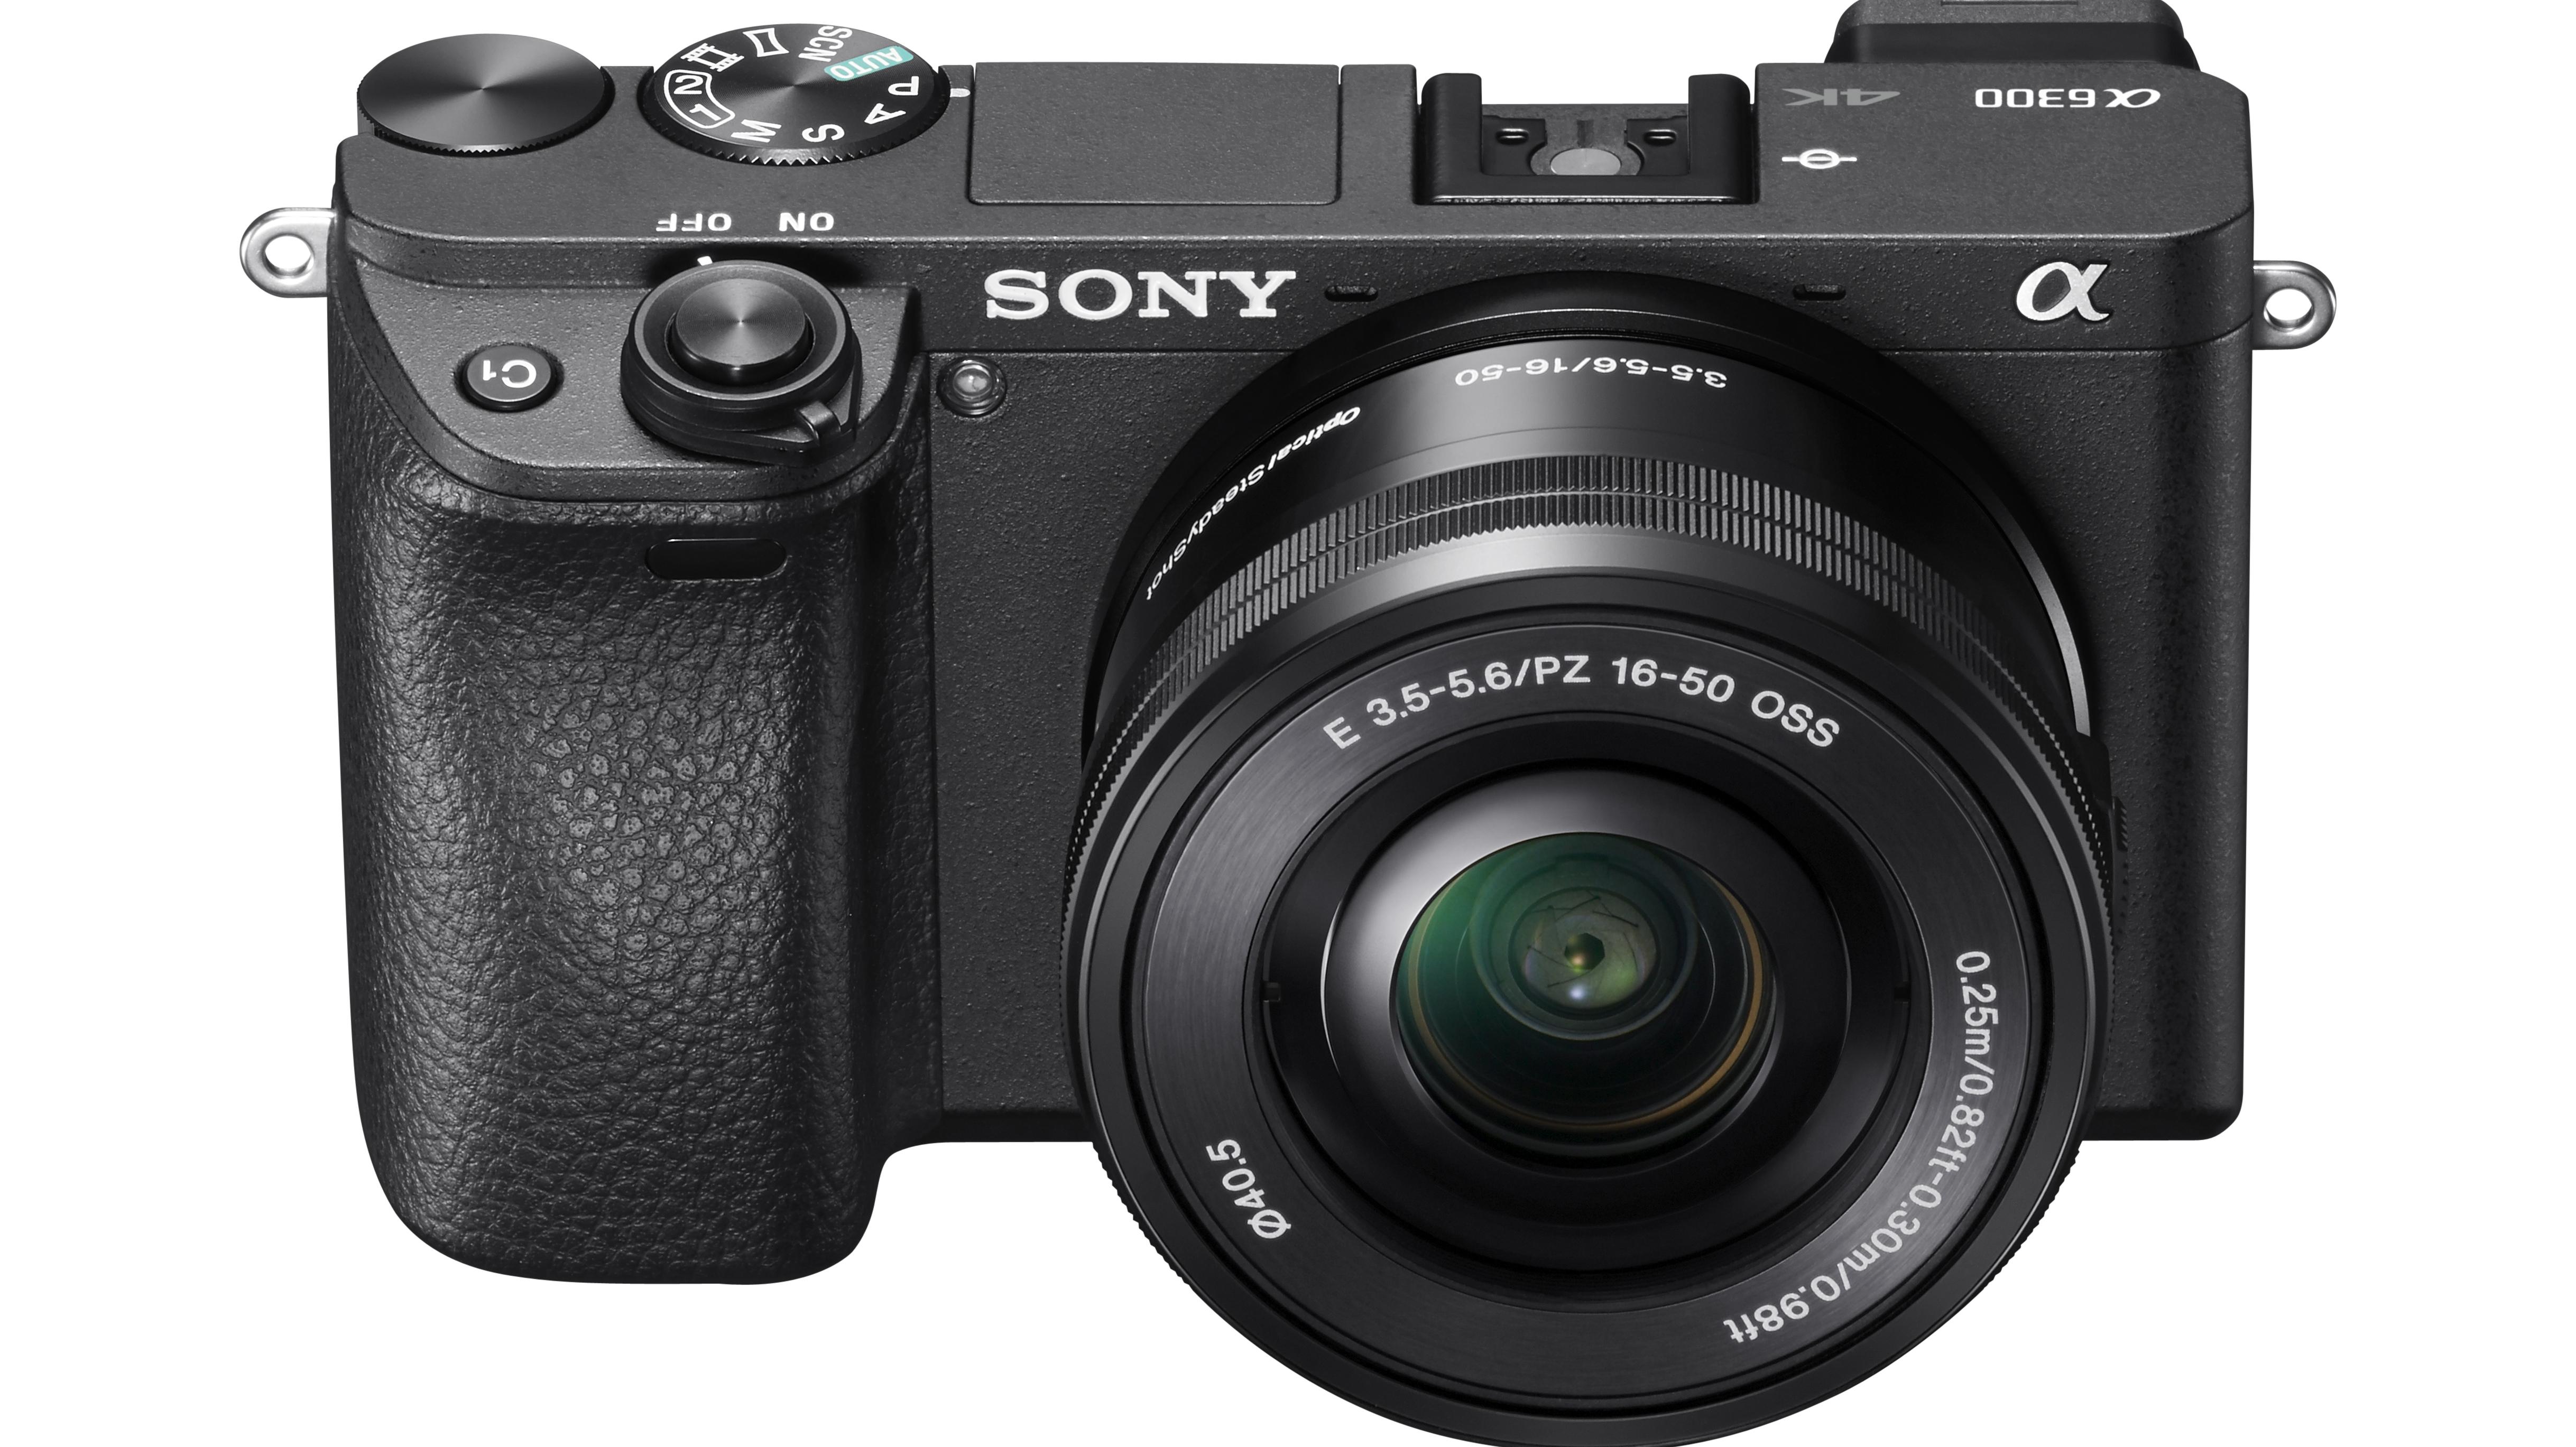 sony a6300 spiegellose systemkamera mit 425 autofokus. Black Bedroom Furniture Sets. Home Design Ideas